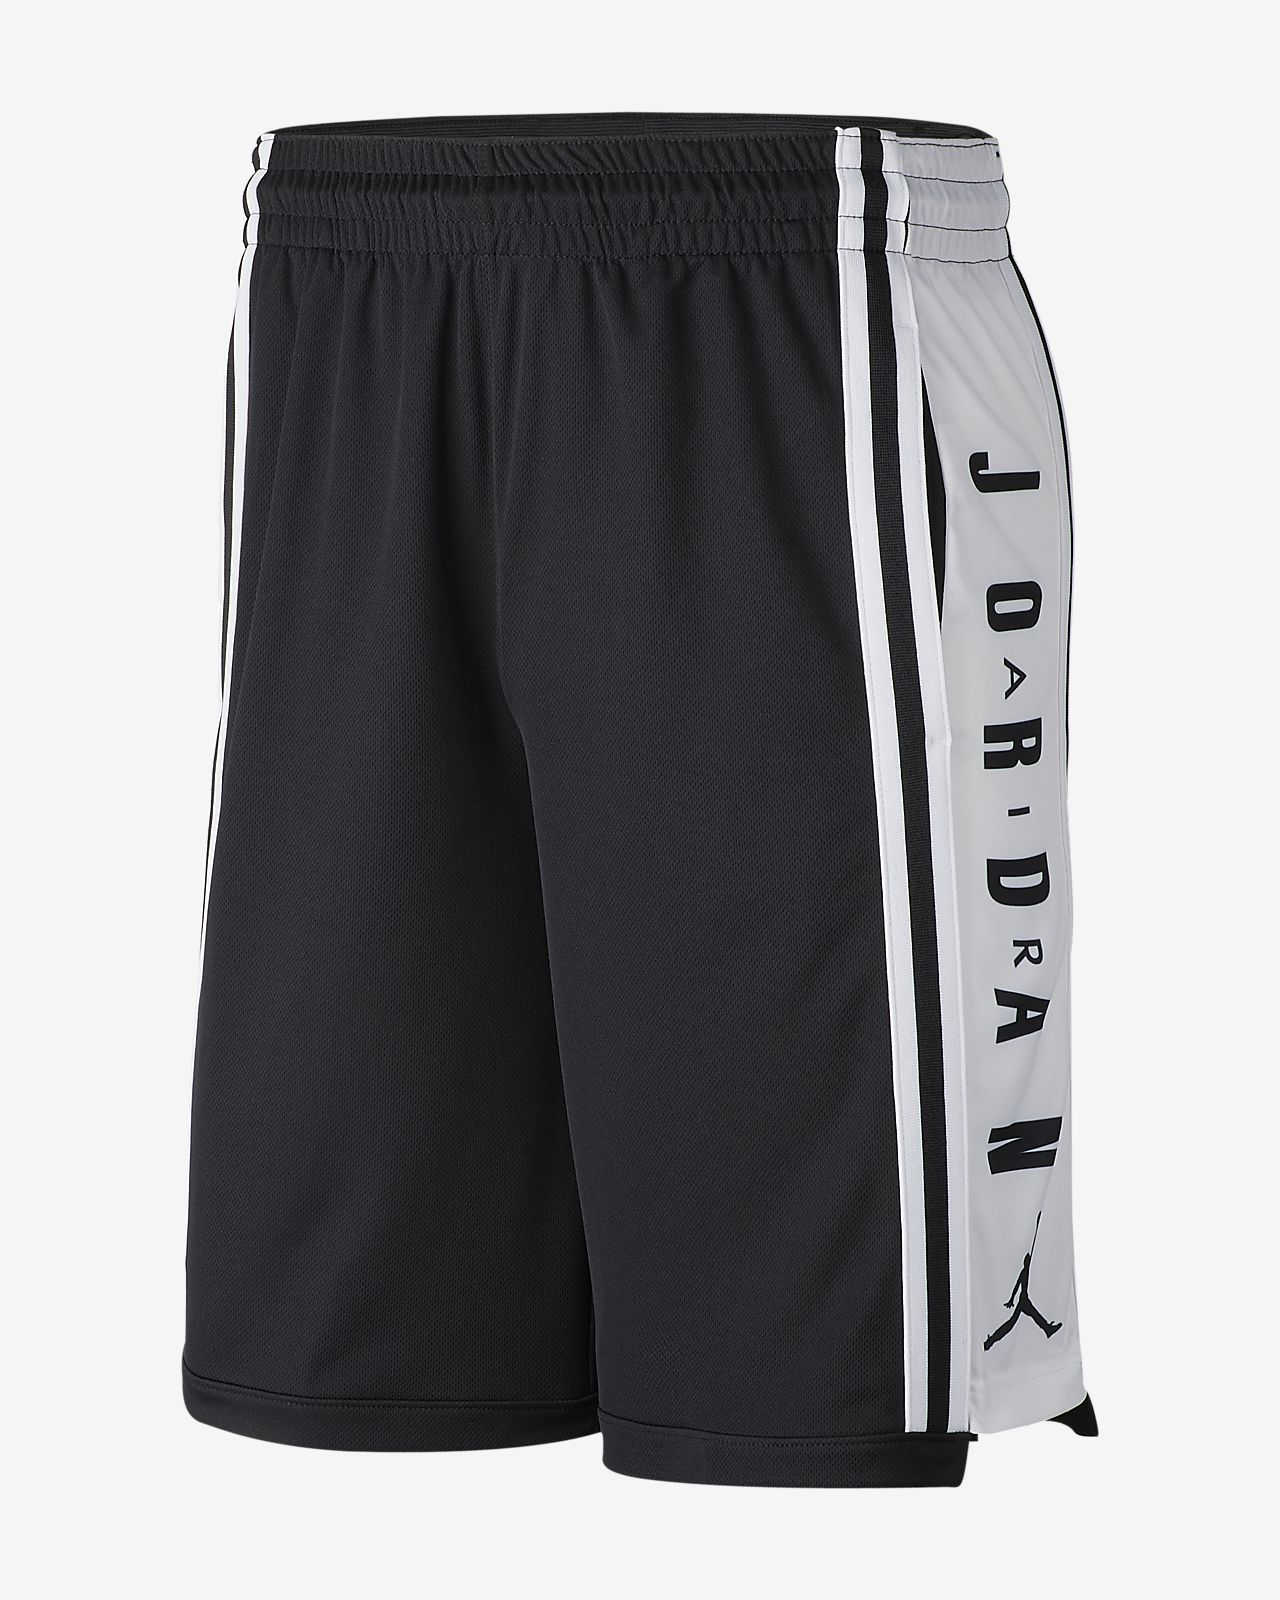 Jordan Pantalons curts de bàsquet - Home